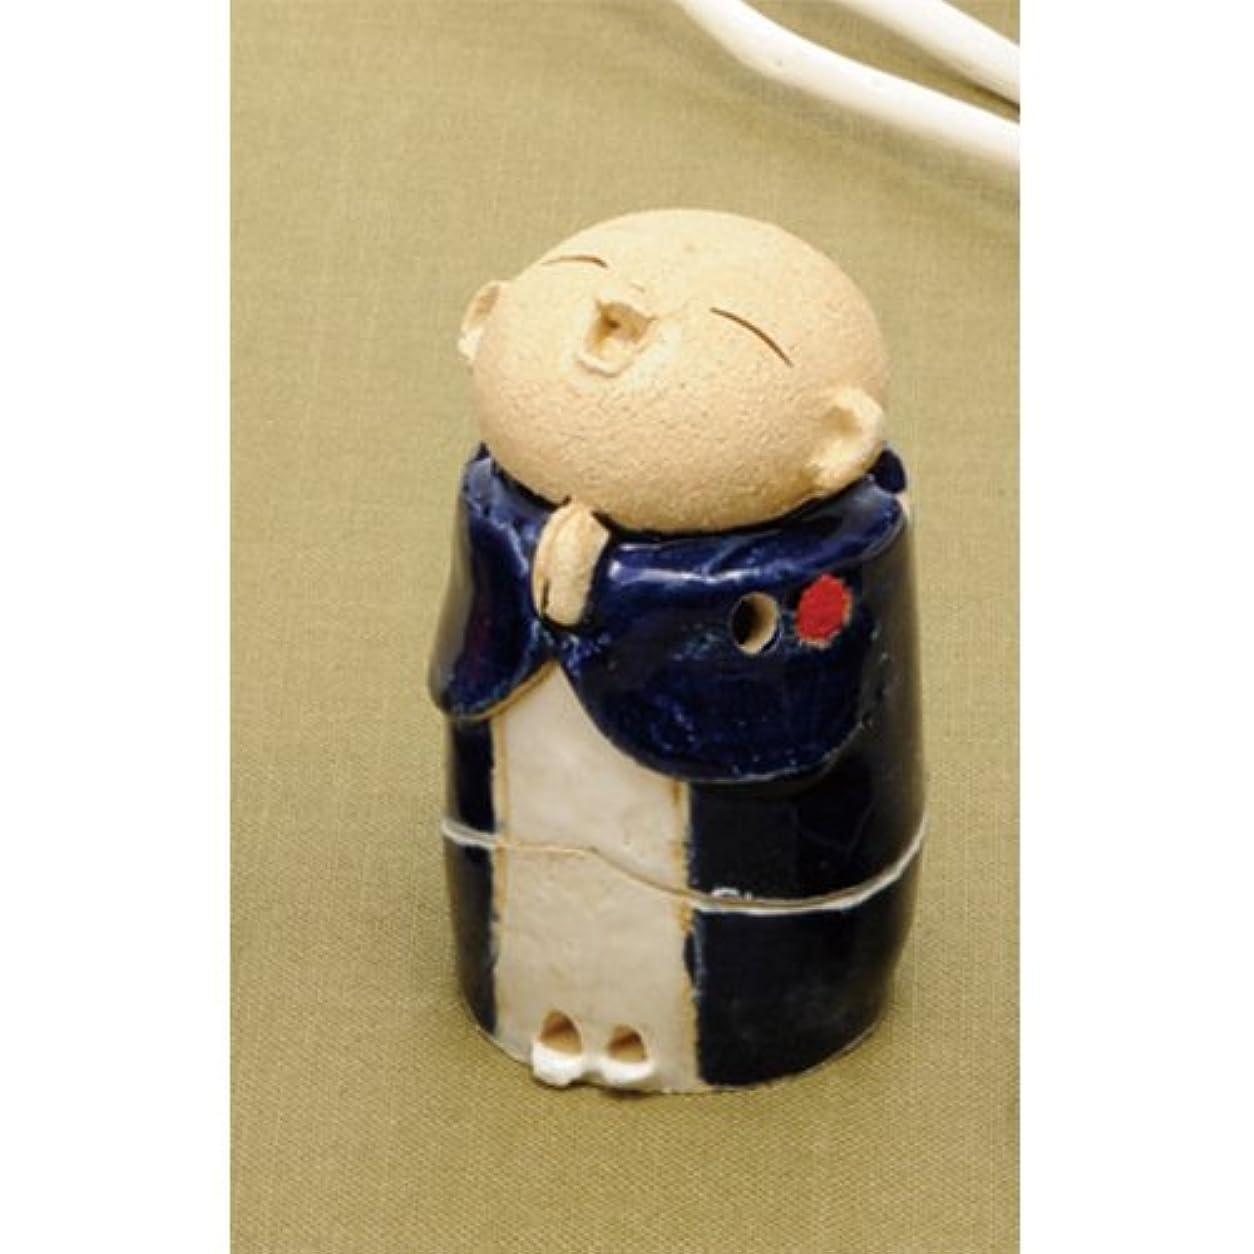 ラベンダーグリーンランドファントムお地蔵様 香炉シリーズ 青 お地蔵様 香炉 2.8寸 [H8.5cm] HANDMADE プレゼント ギフト 和食器 かわいい インテリア